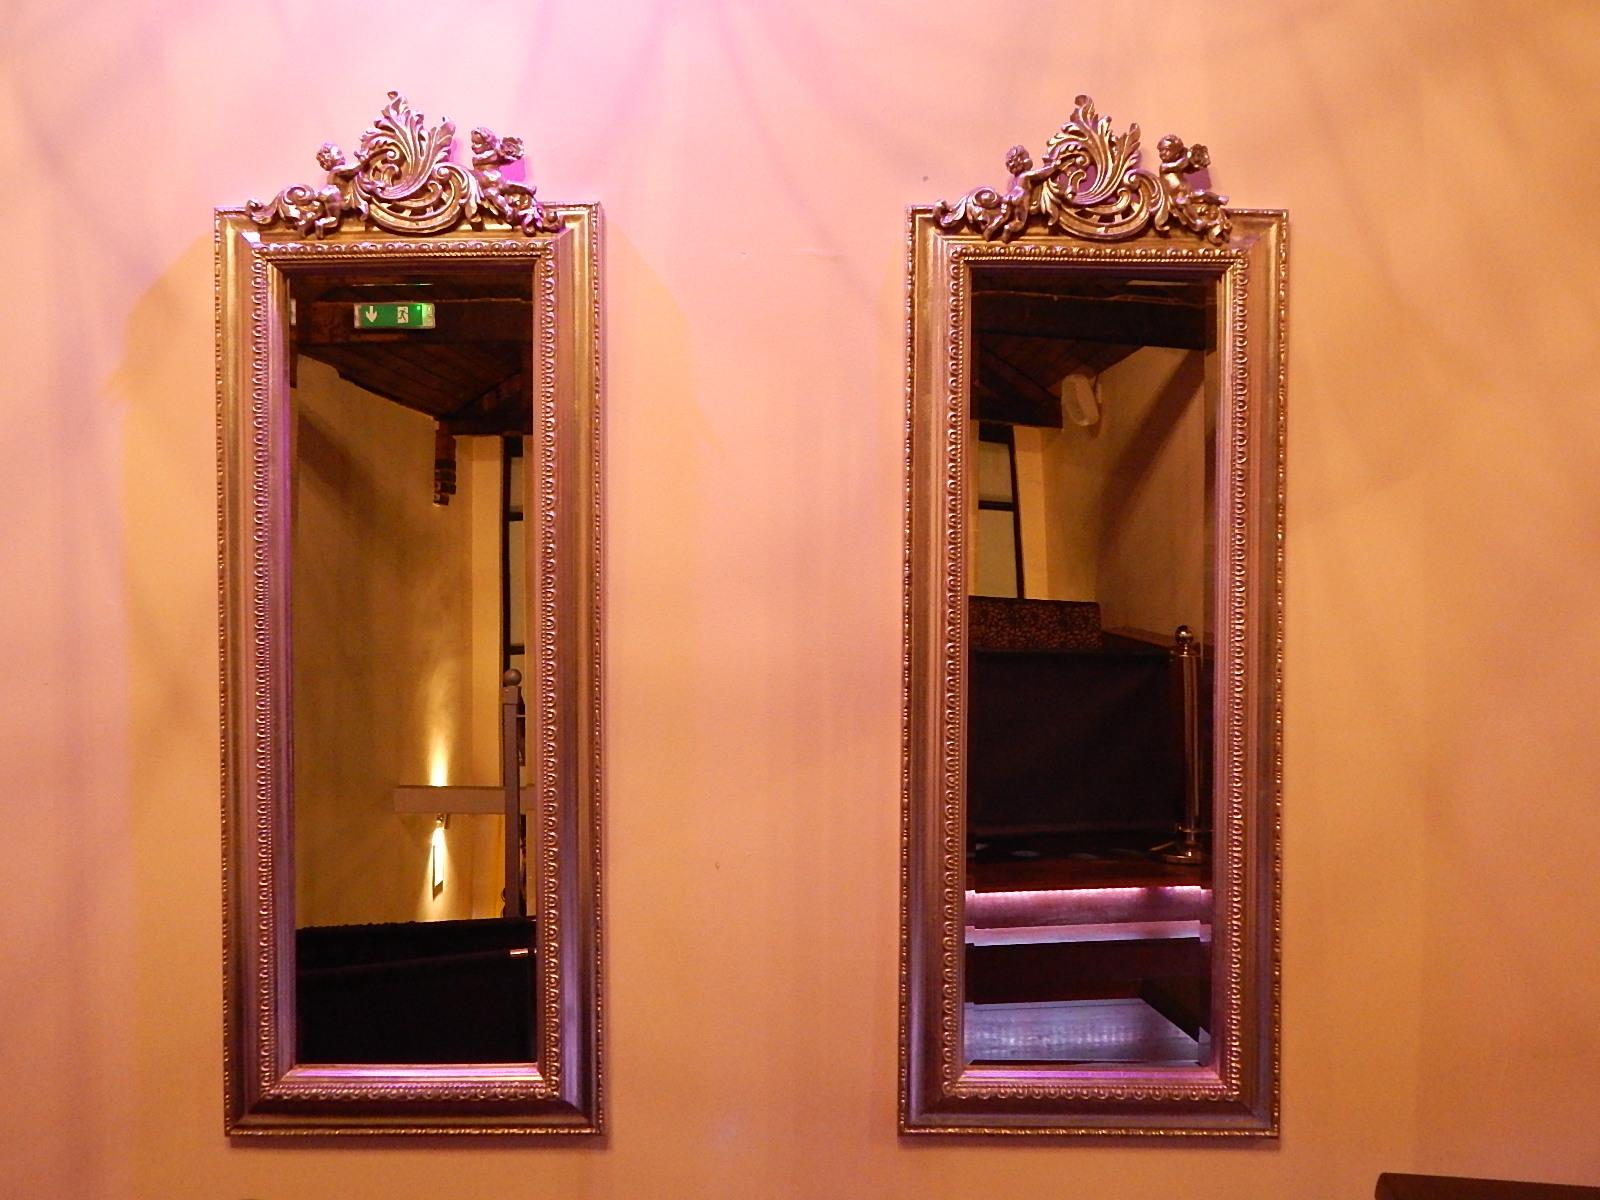 Mezzanine Mirrors